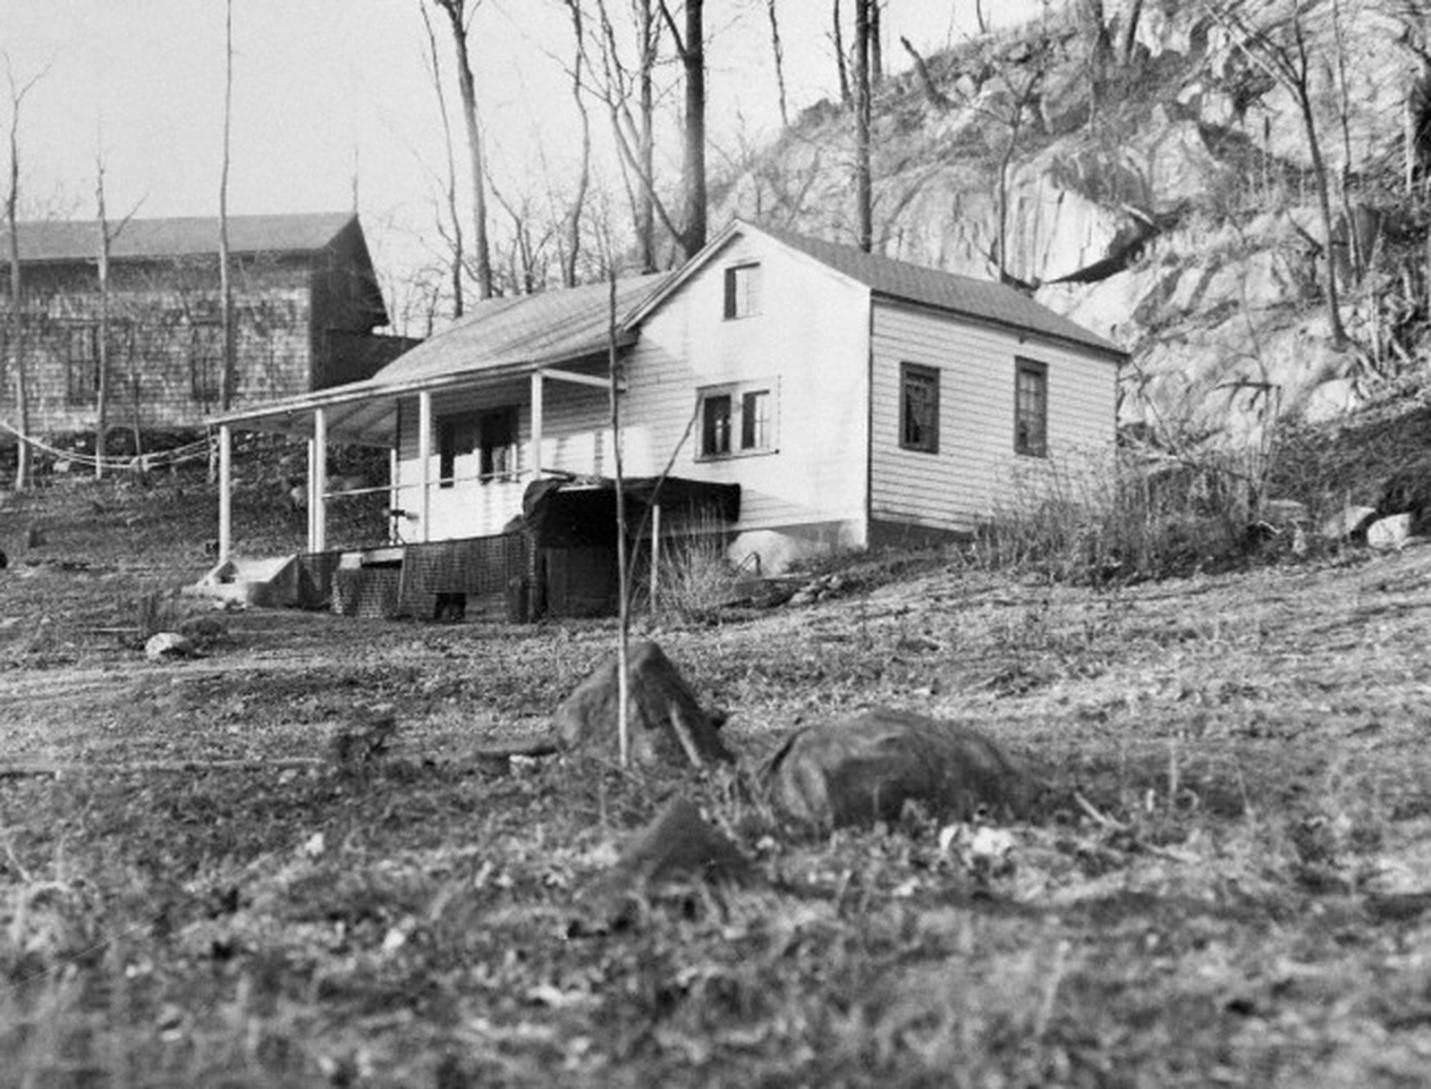 Дом, в котором была убита Грейс Бадд